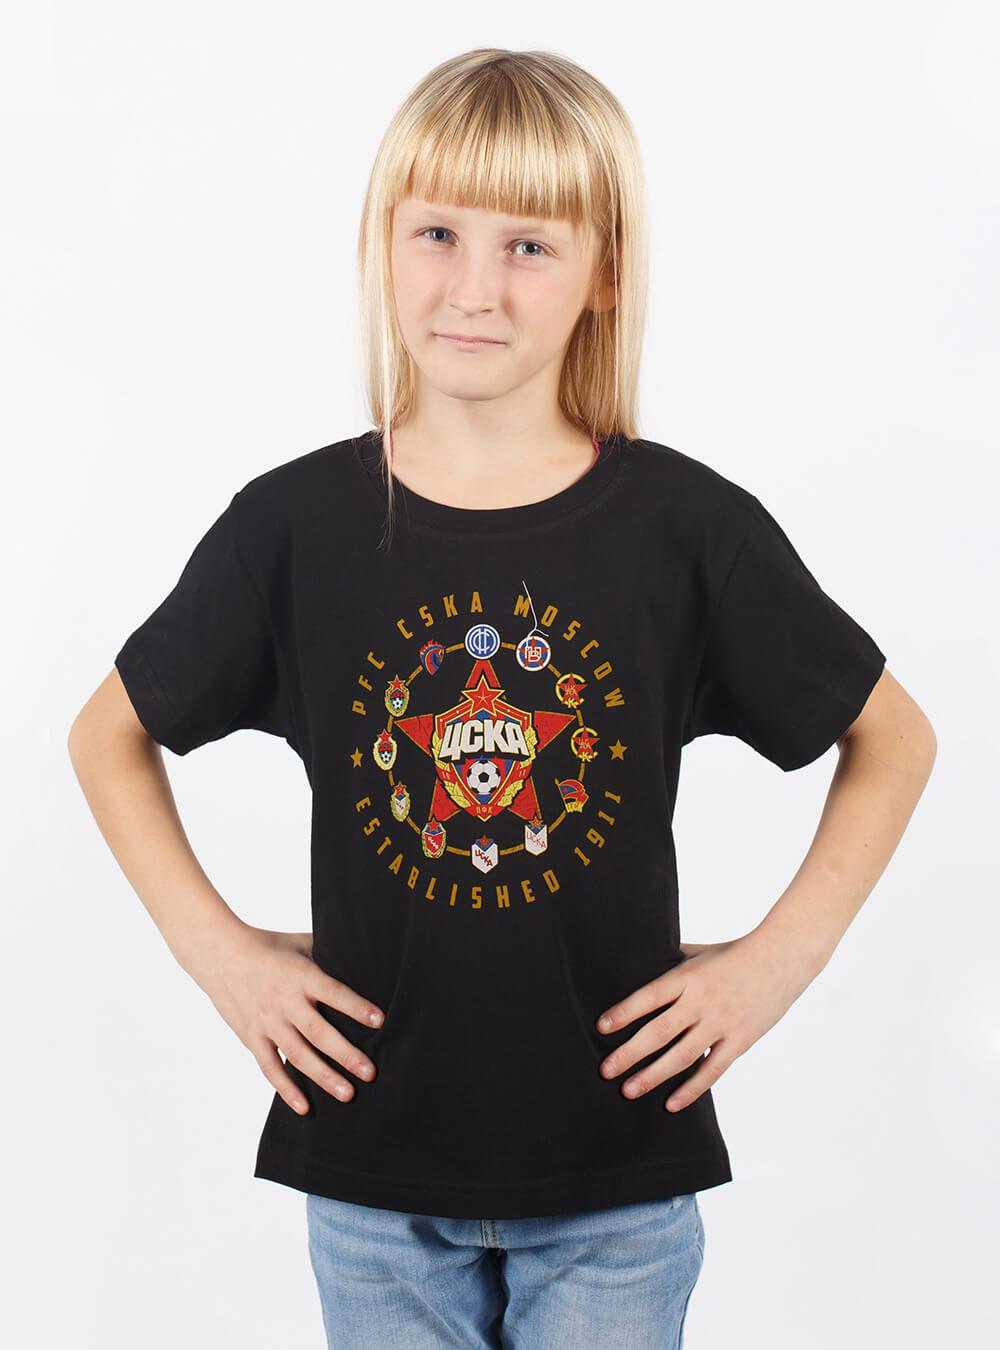 Футболка детская Все эмблемы, цвет черный (1646012) (134)Одежда<br>Футболка детская Все эмблемы, цвет черный (1646012)<br>